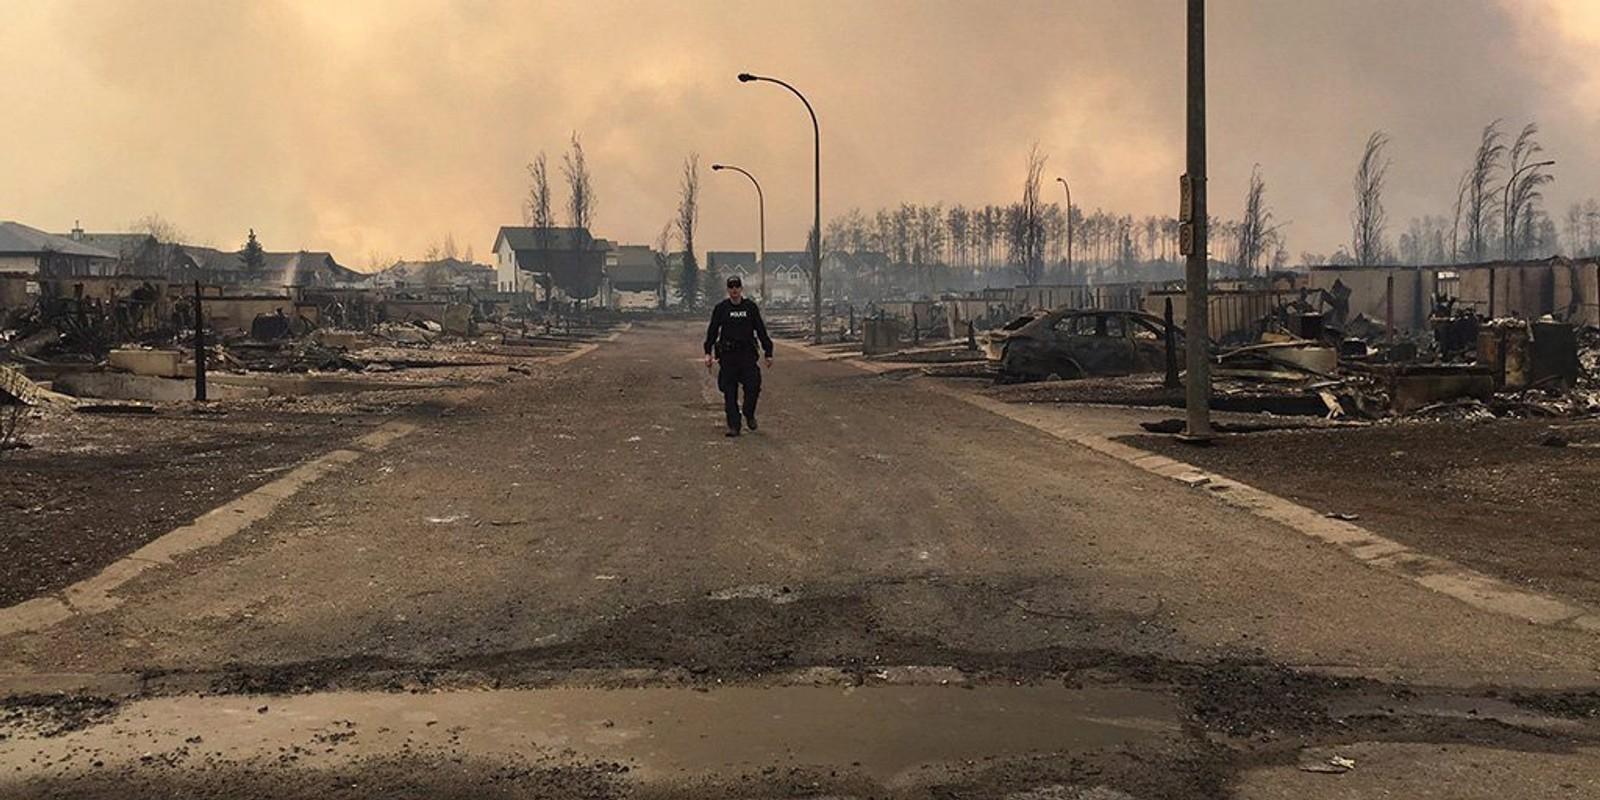 En politimann går i et område i Fort McMurray som er fullstendig nedbrent av skogbrannen i Alberta. Bildet er tatt 5. mai.